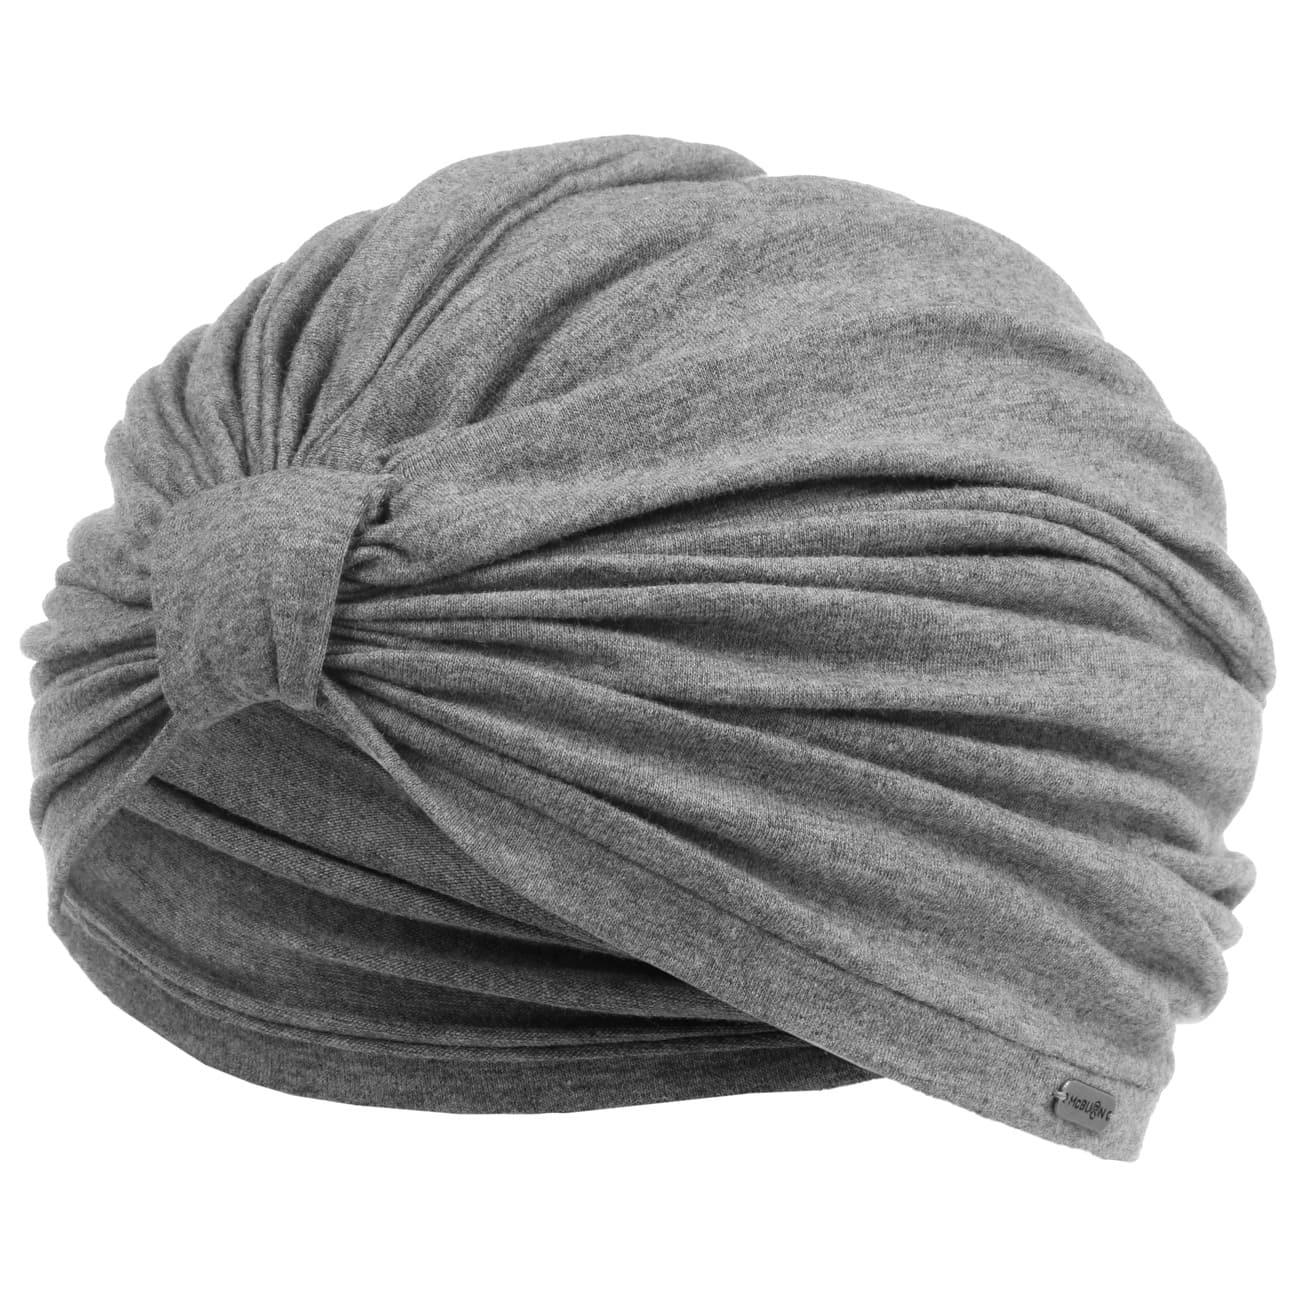 Turbante Jersey by McBURN - Gorros - sombreroshop.es ef0dcd61ede